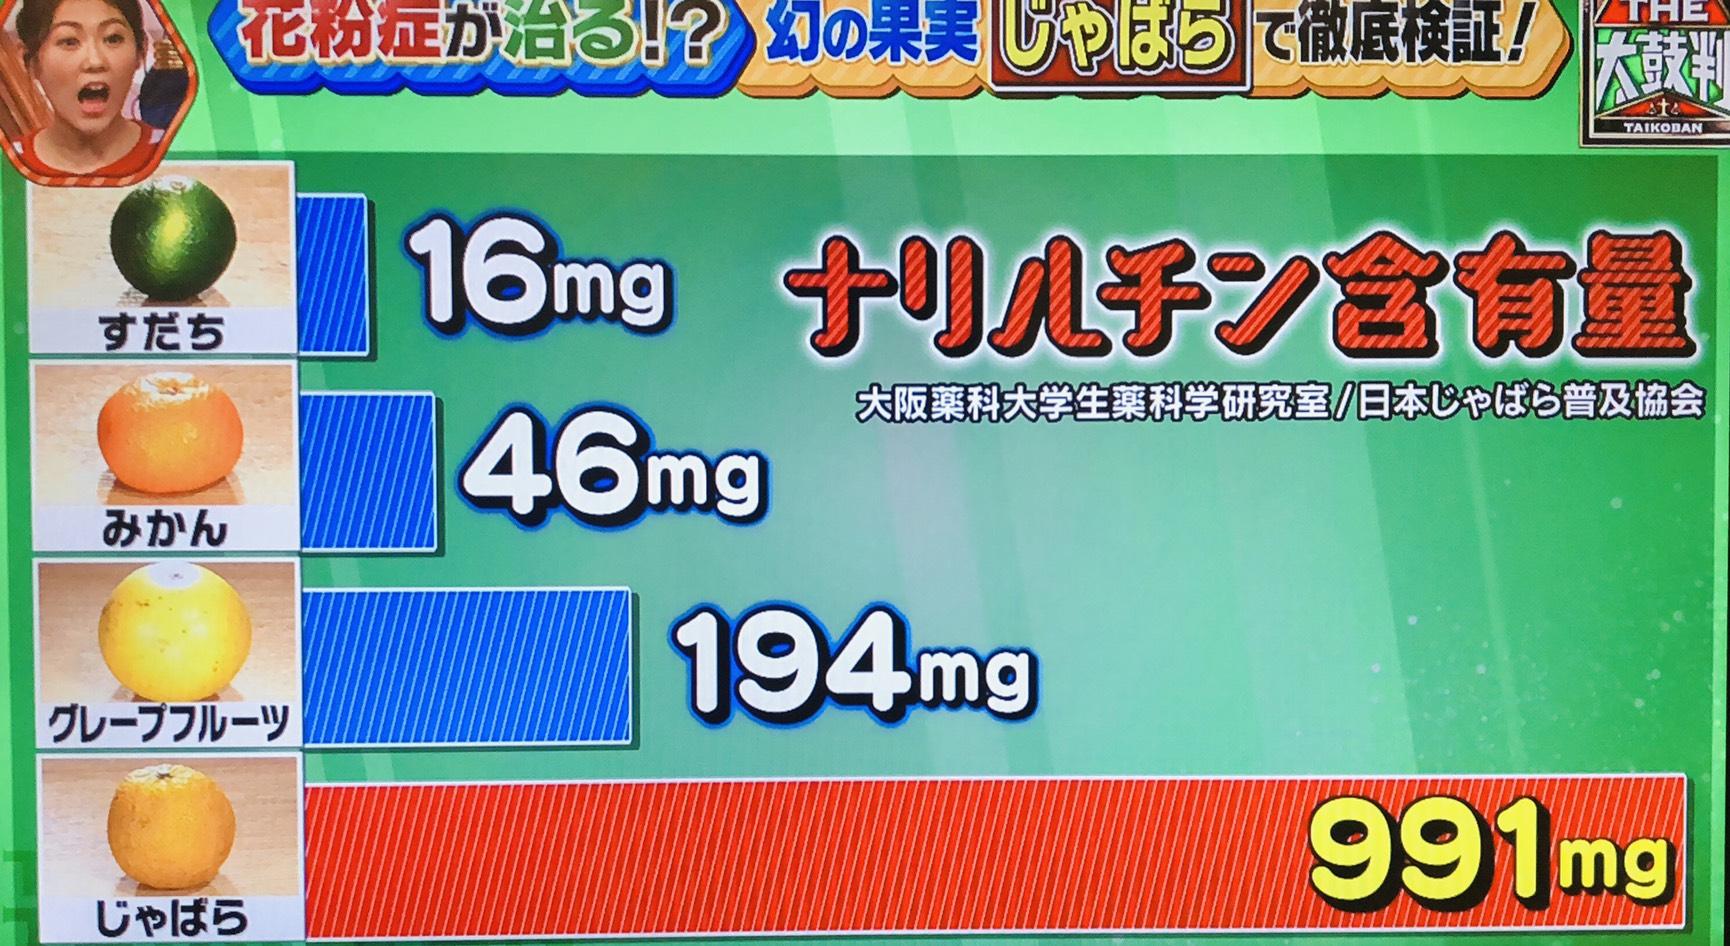 【名医のTHE太鼓判!】花粉症 つらい悩みを根本解消! 目も鼻もスッキリSP 予防や対策まとめ